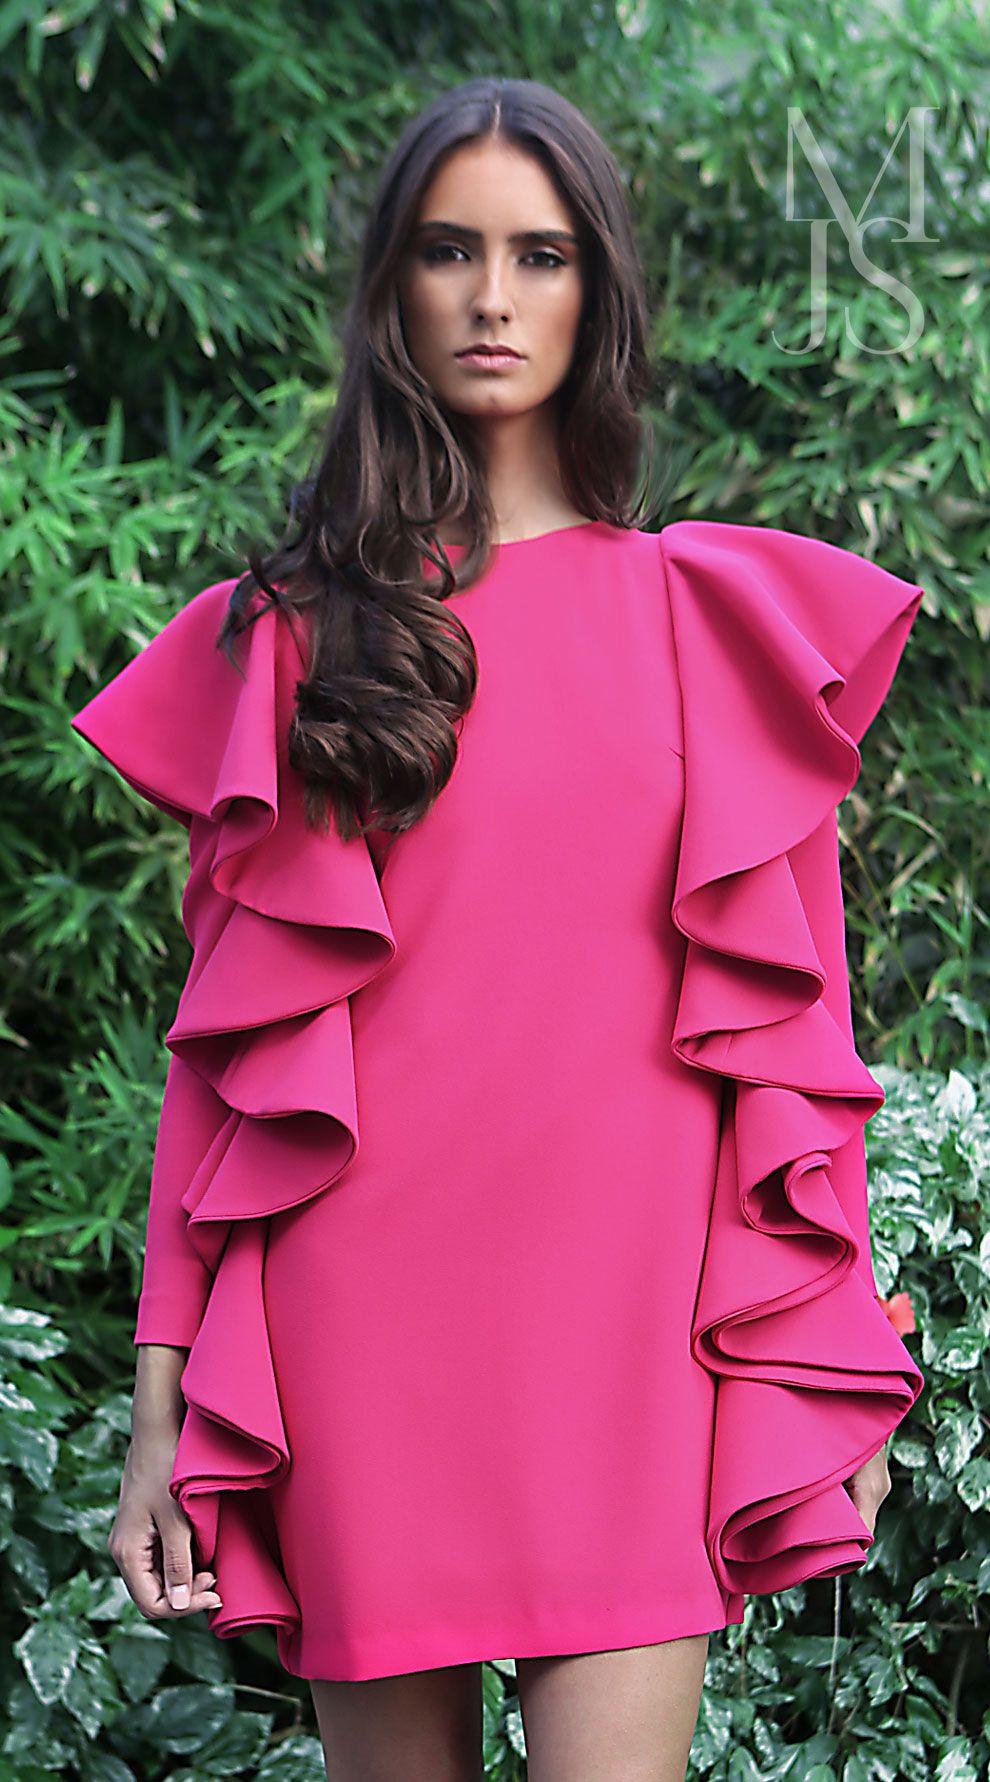 Vestido Lola - María José Suárez | sleeves | Pinterest | Vestiditos ...